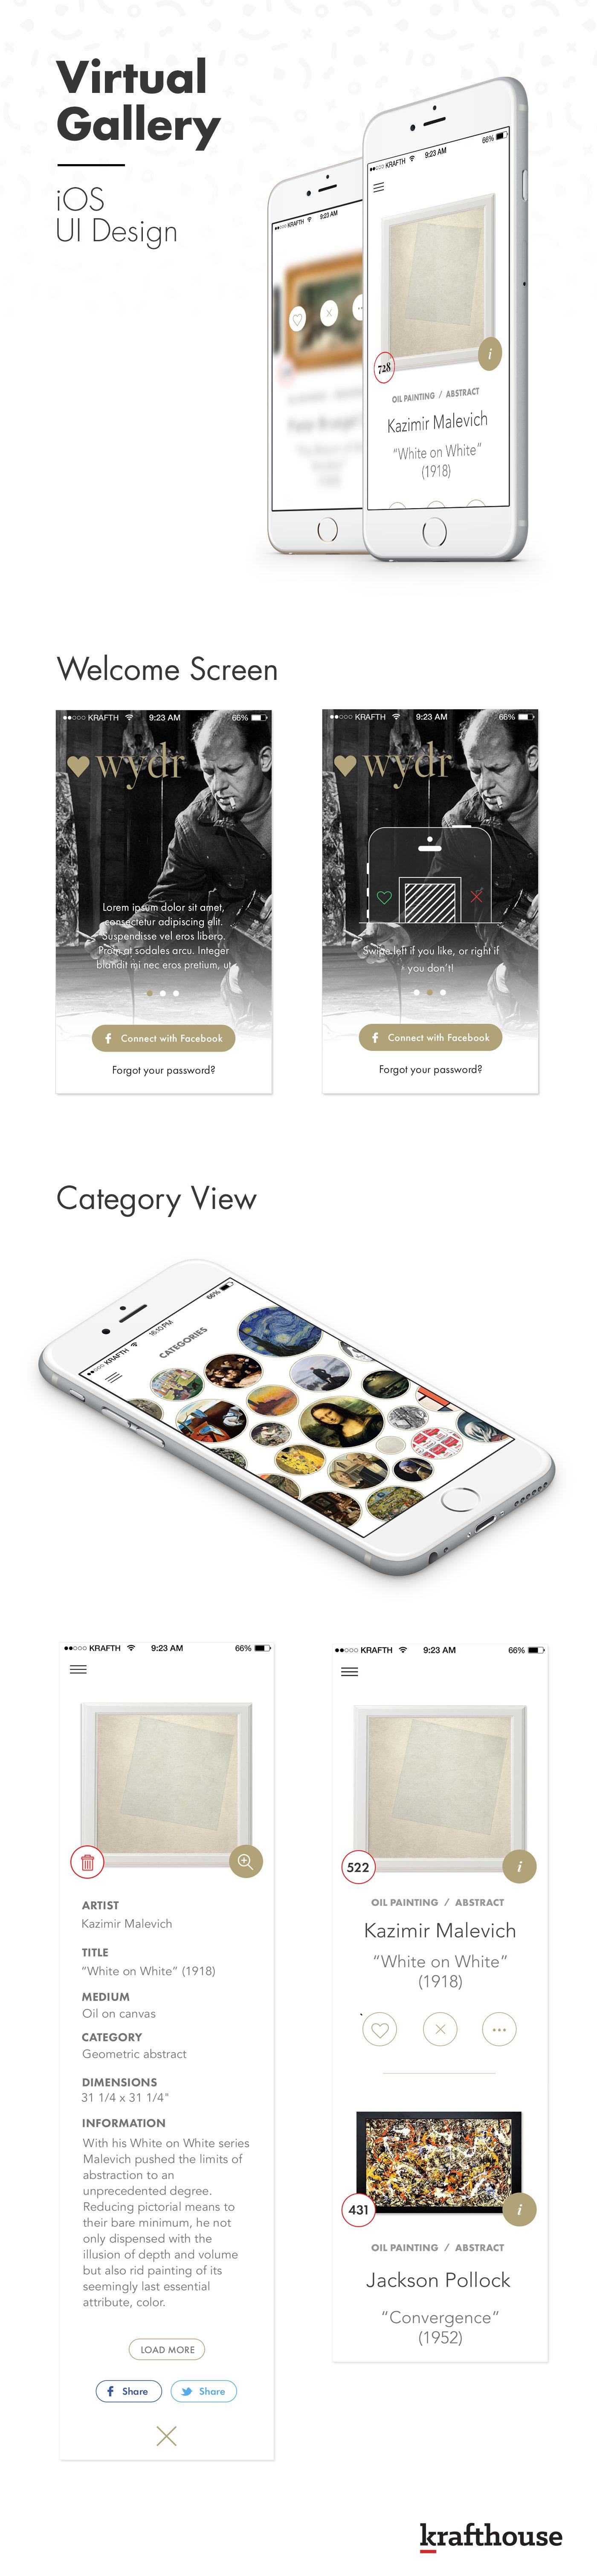 user Interface ios design